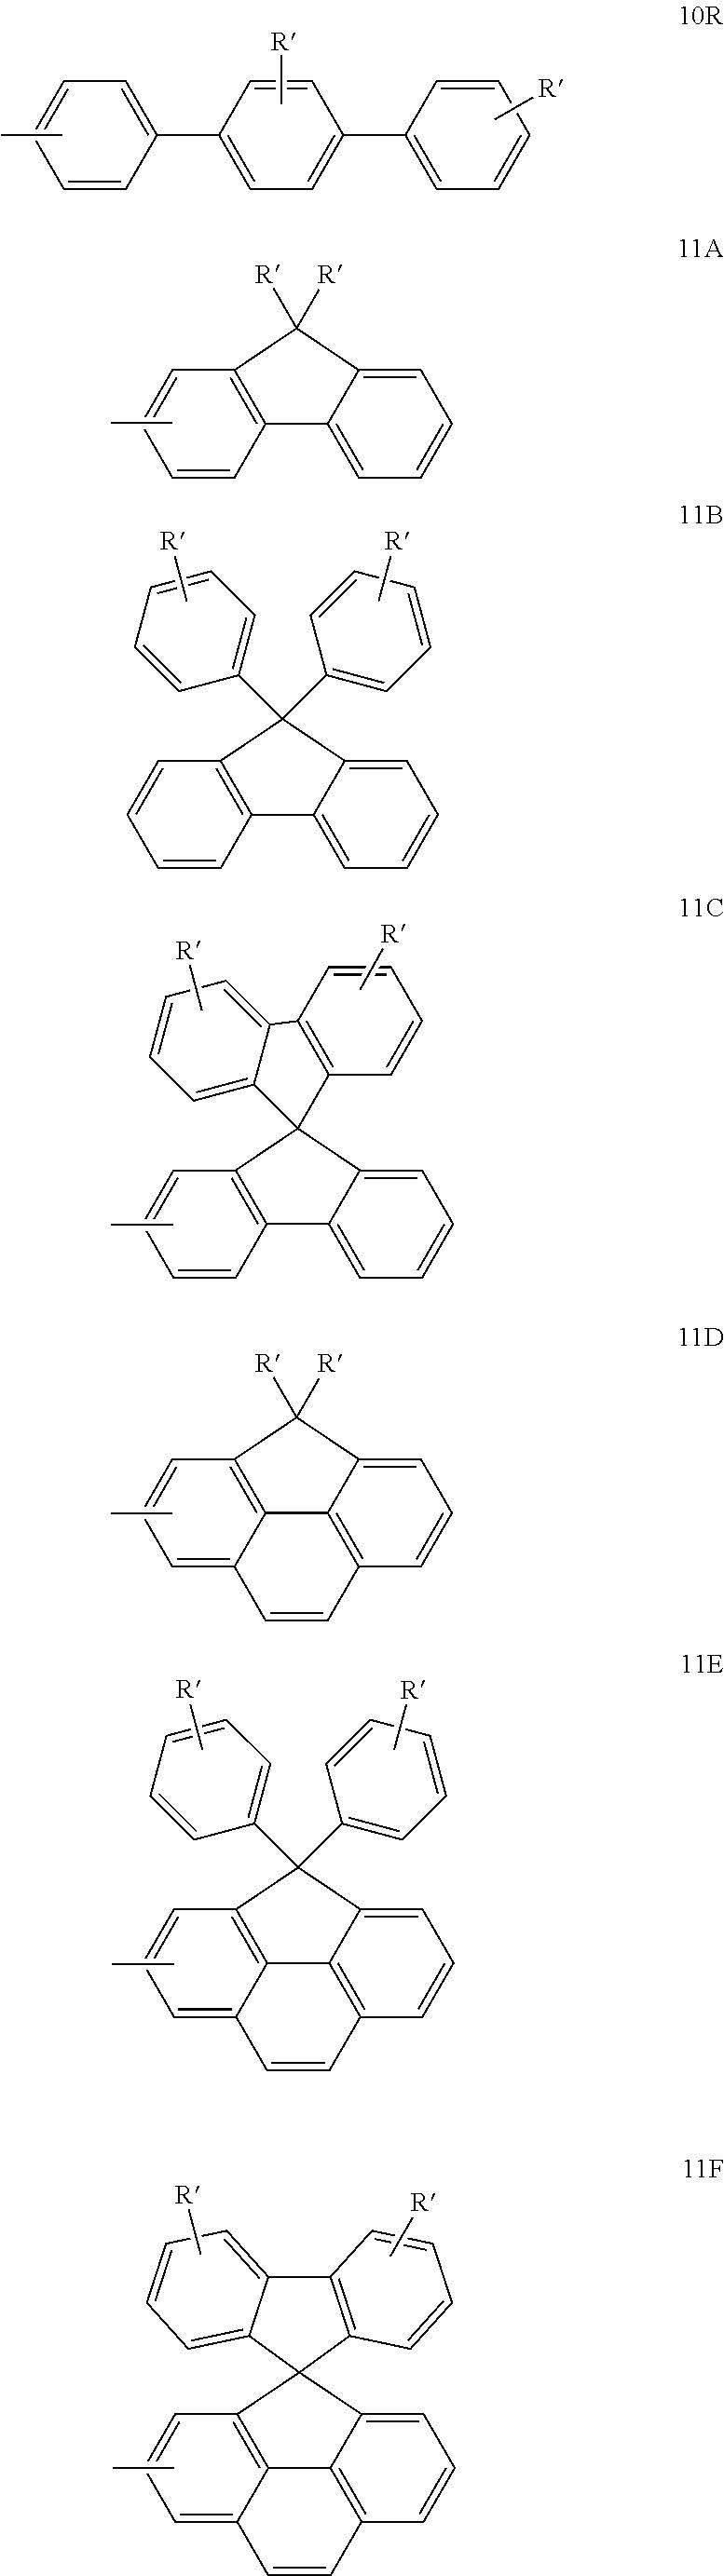 Figure US07875367-20110125-C00013